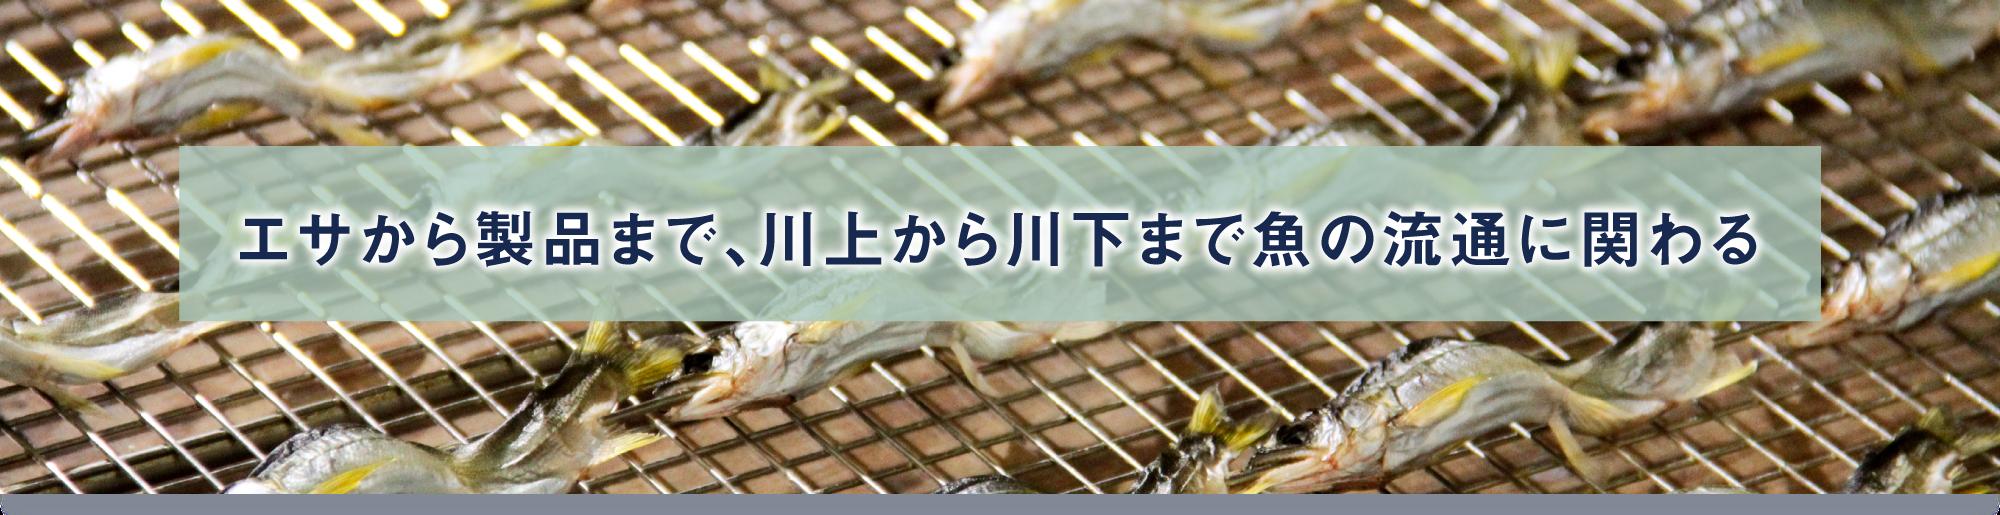 エサから製品まで、川上から川下まで魚の流通に関わる